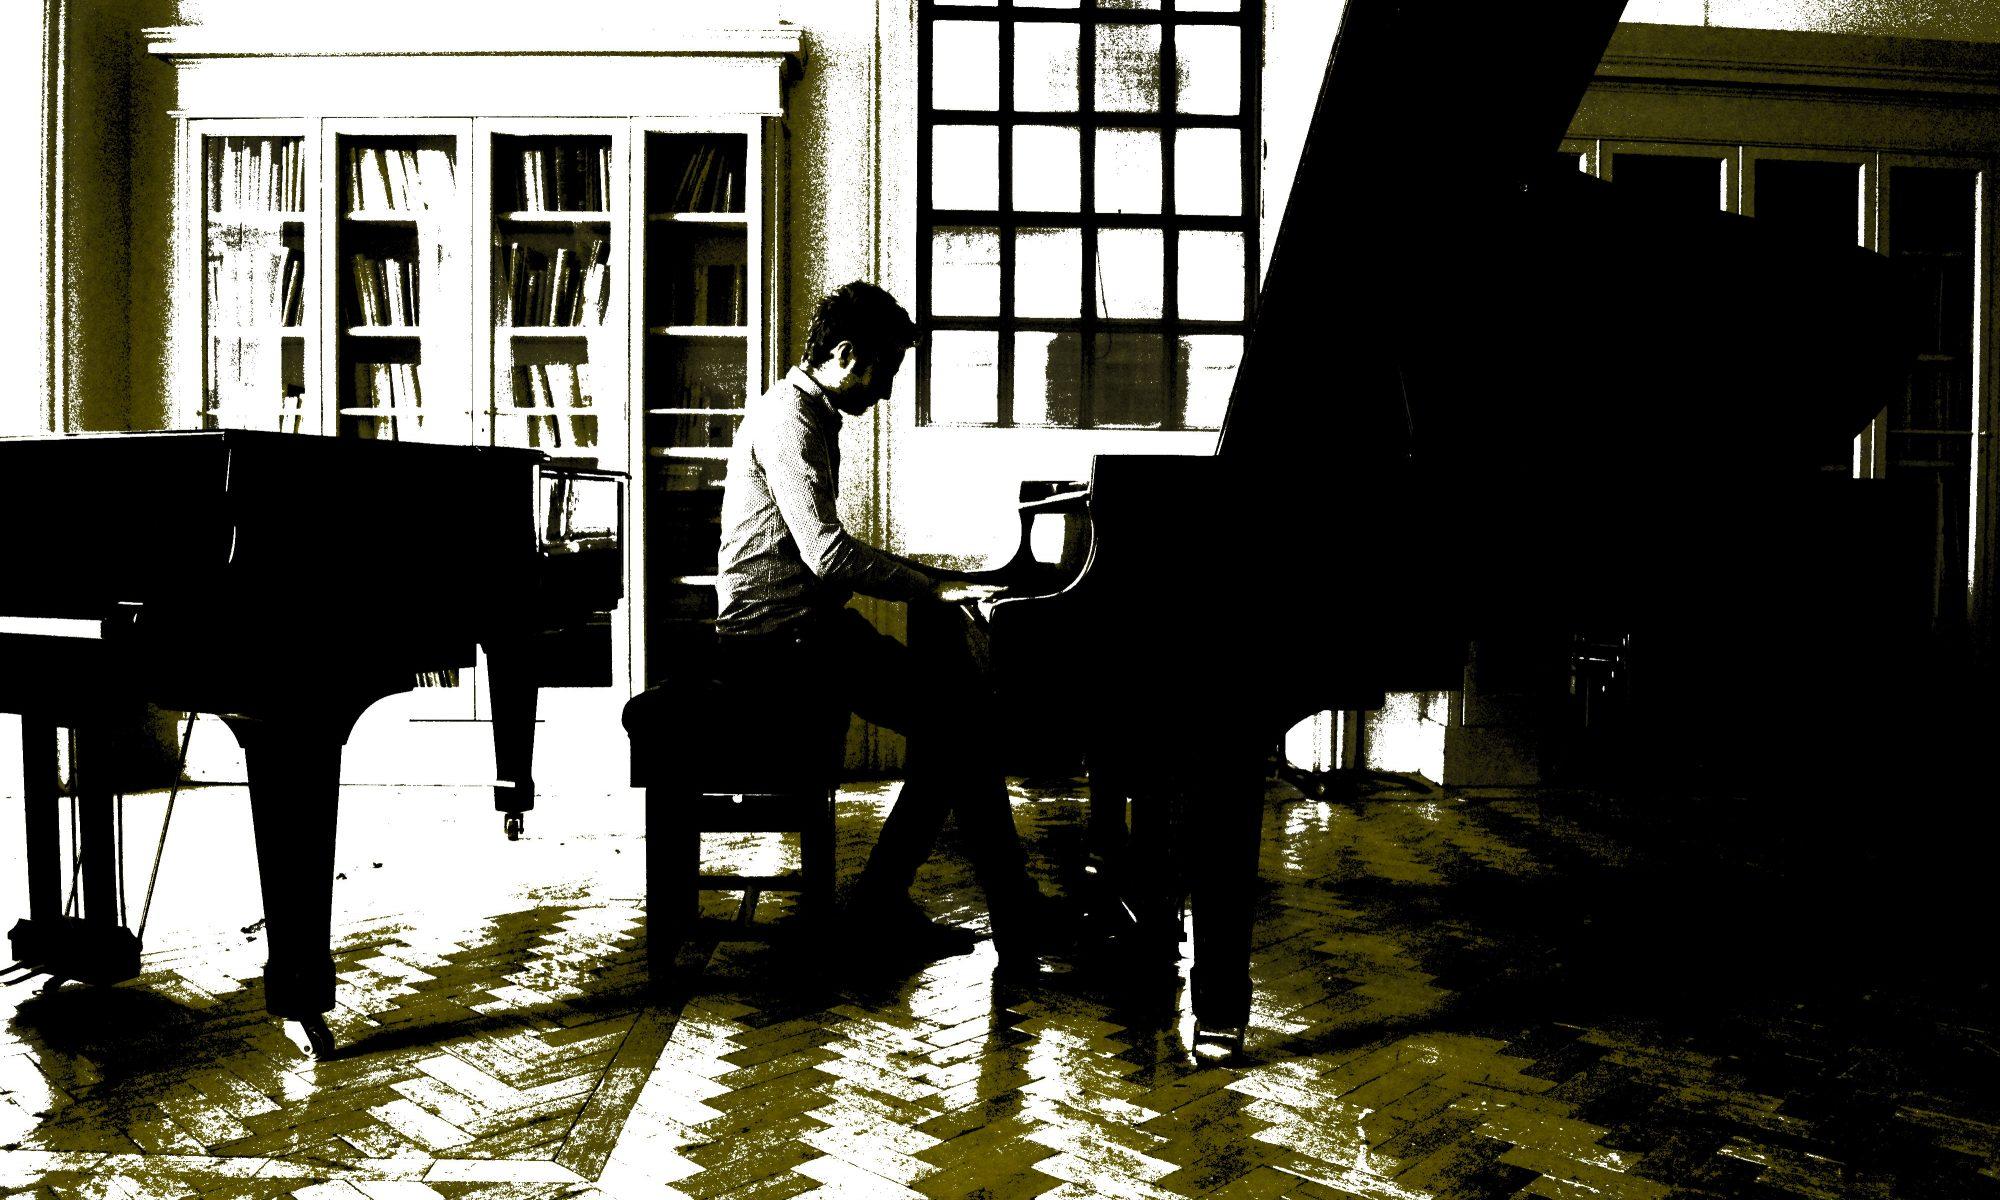 Ben Eames